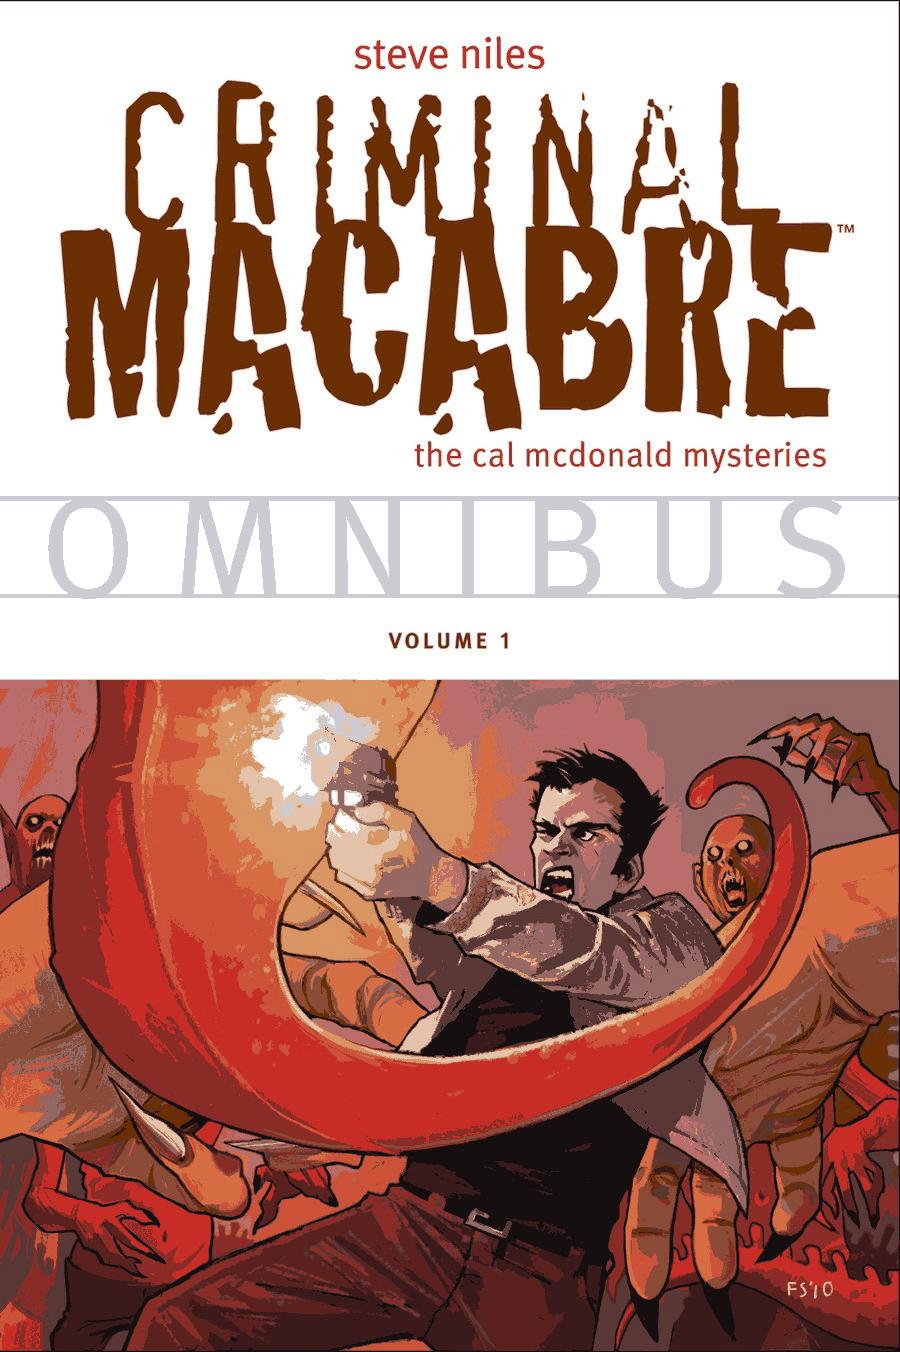 2012-10-14-02CriminalMacabreOmnibus1.jpg